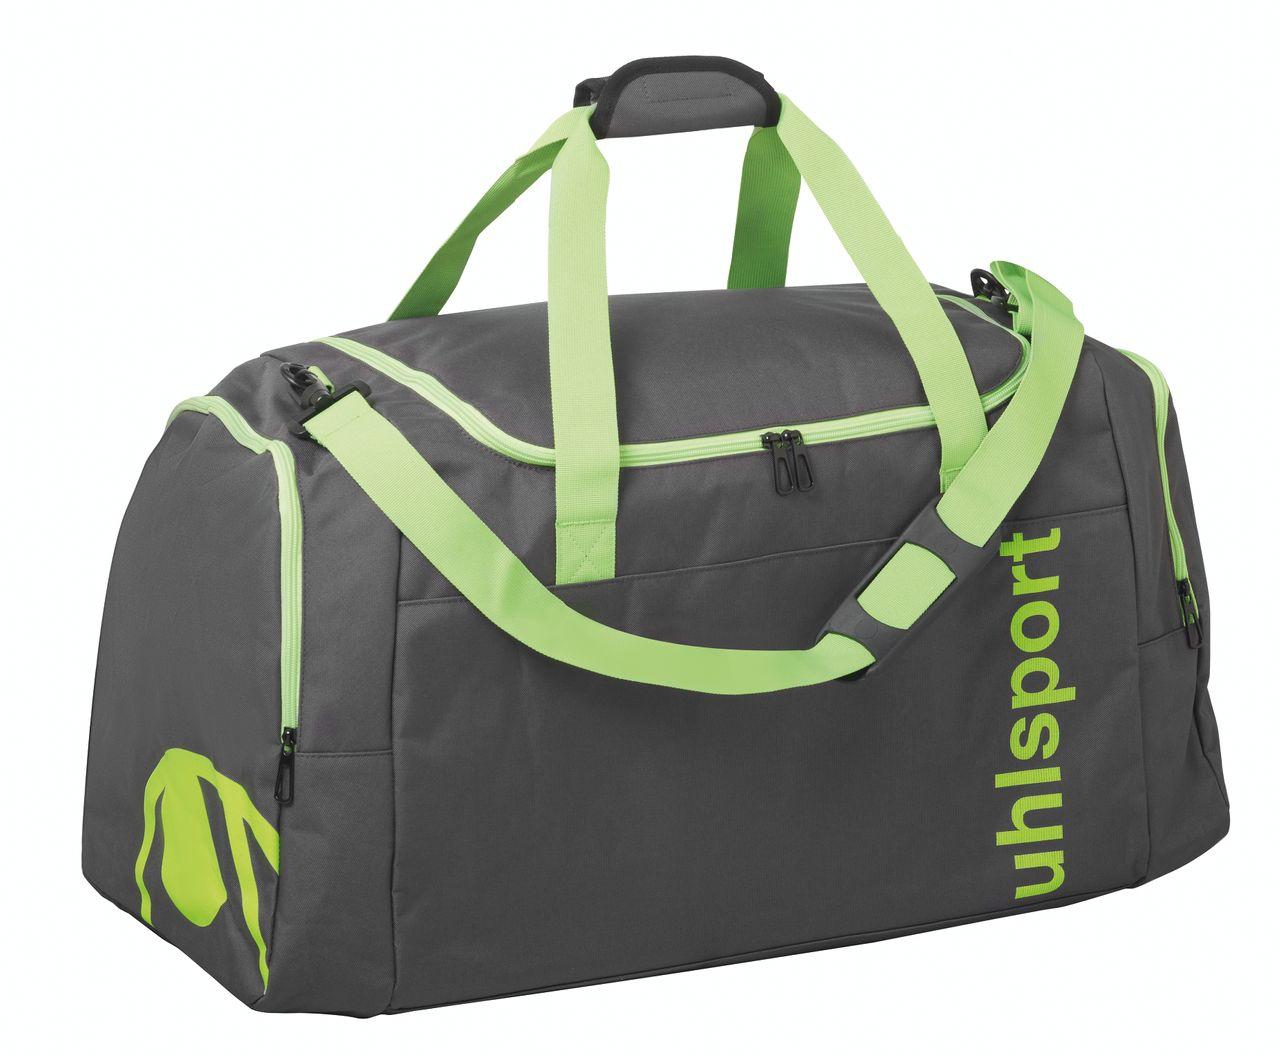 Uhlsport ESSENTIAL 2.0 SPORTS BAG 50L